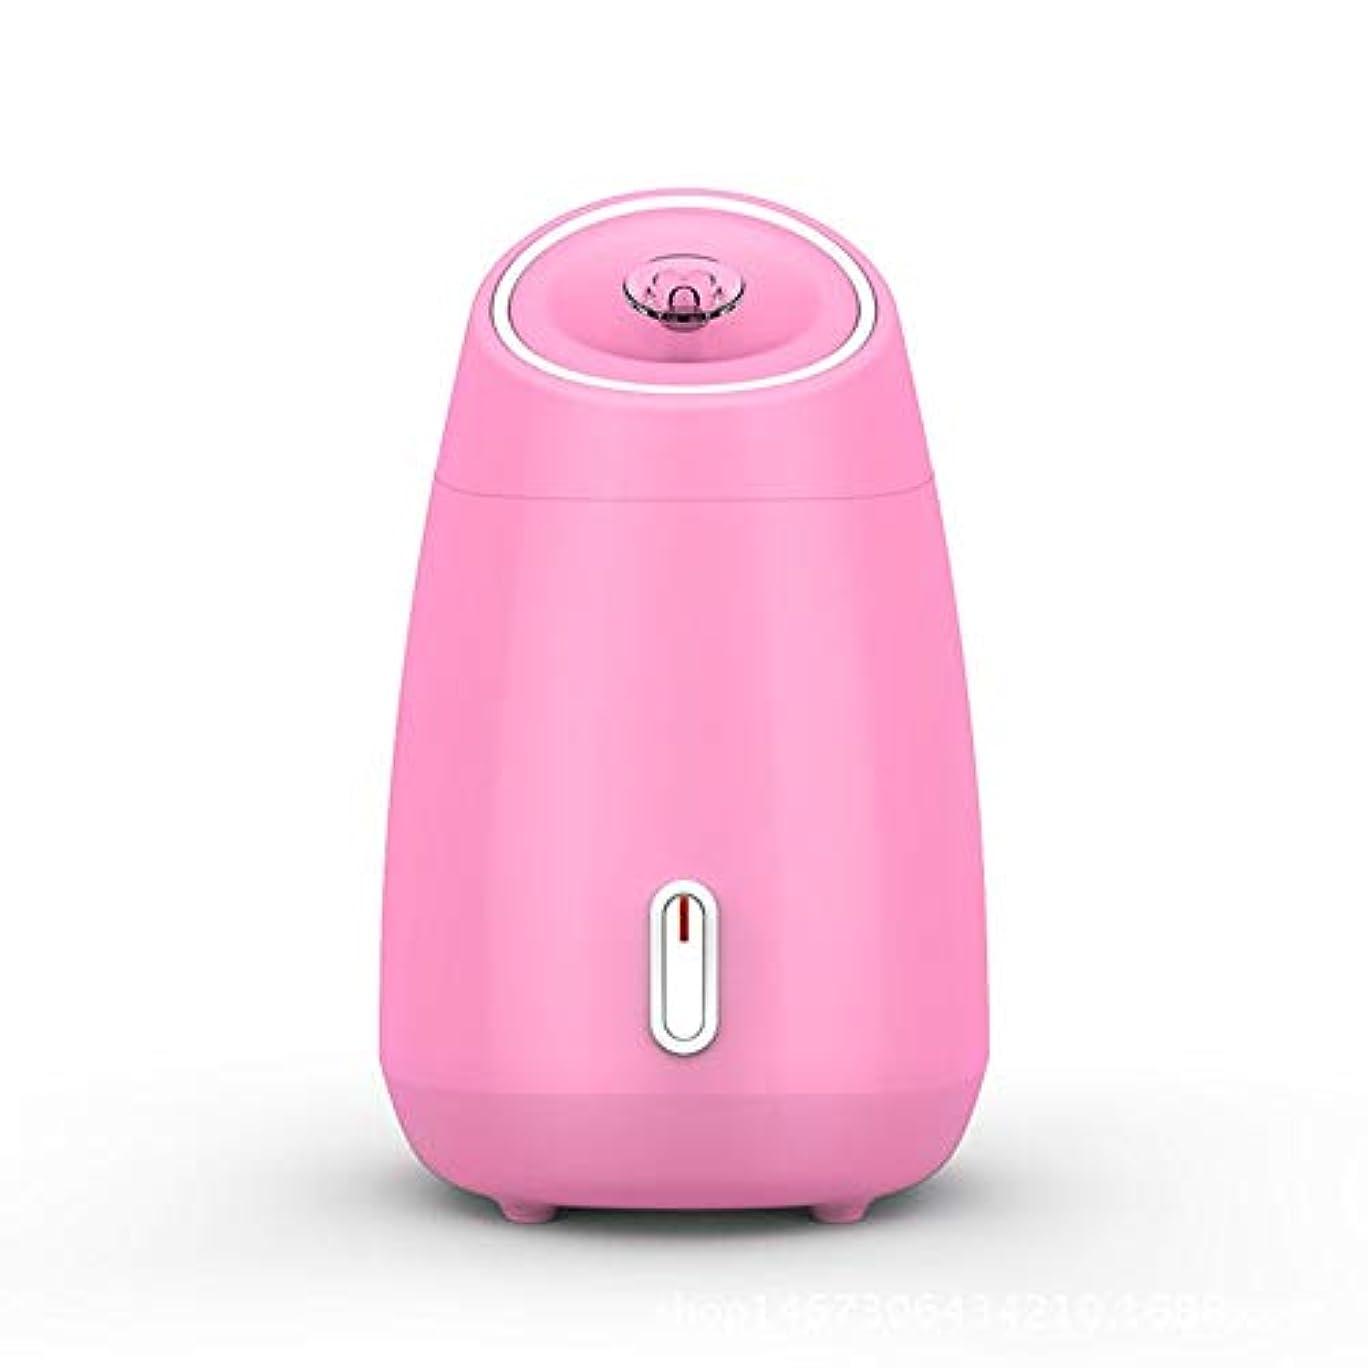 ZXF 加湿美容機器フルーツと野菜の蒸し顔ホットスプレーホーム美容機器2ピンクモデルホワイトを白くするナノスプレー水道メーター顔 滑らかである (色 : Pink)